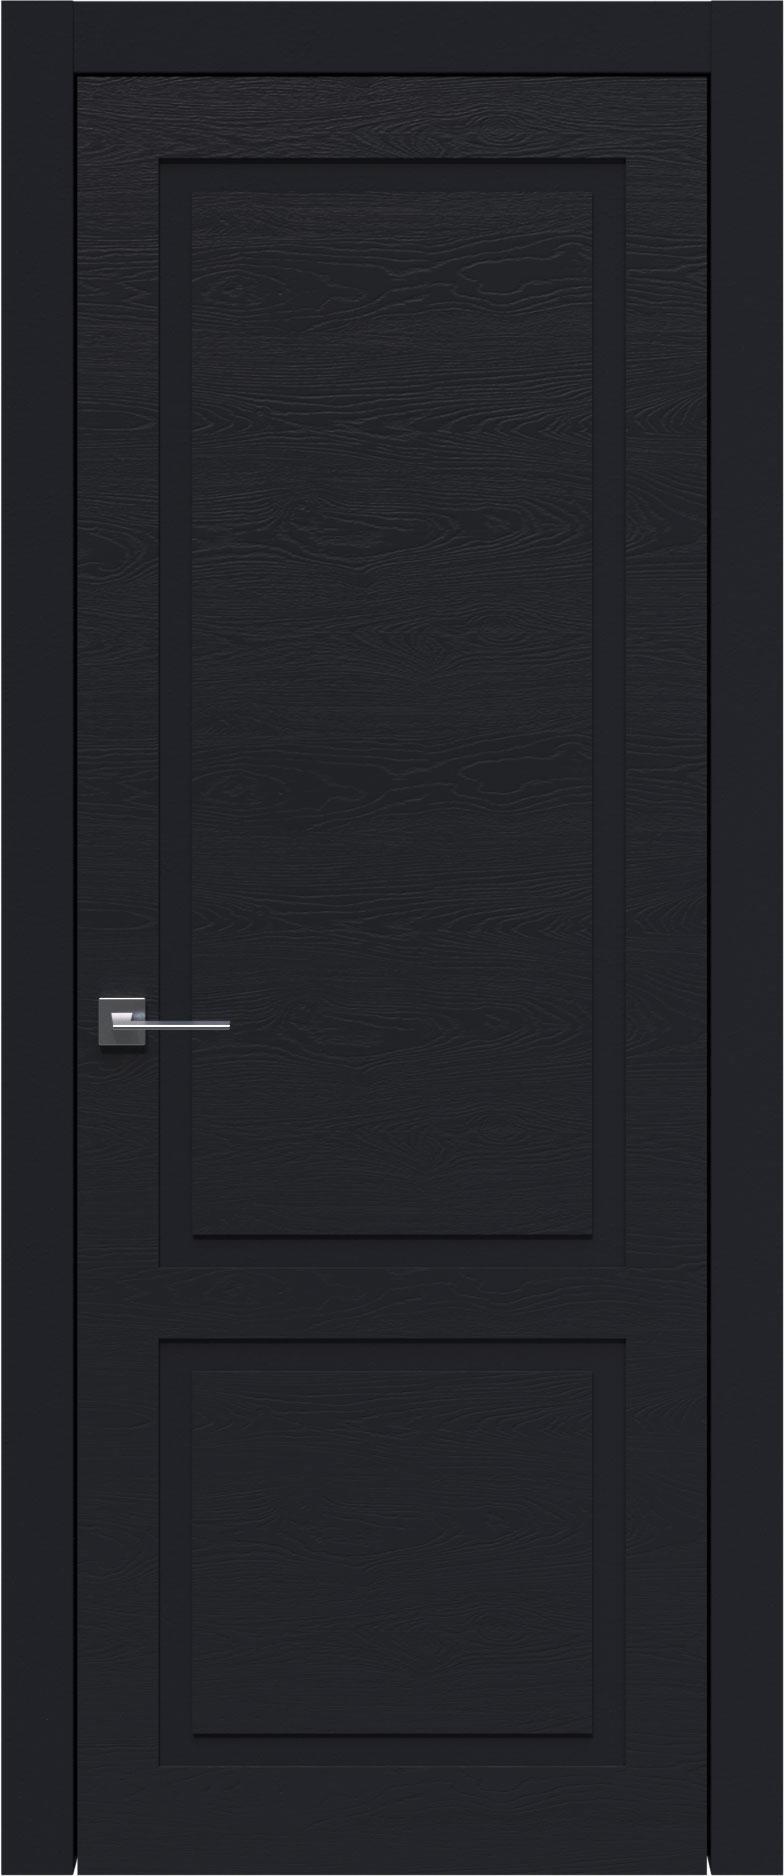 Tivoli И-5 цвет - Черная эмаль по шпону (RAL 9004) Без стекла (ДГ)